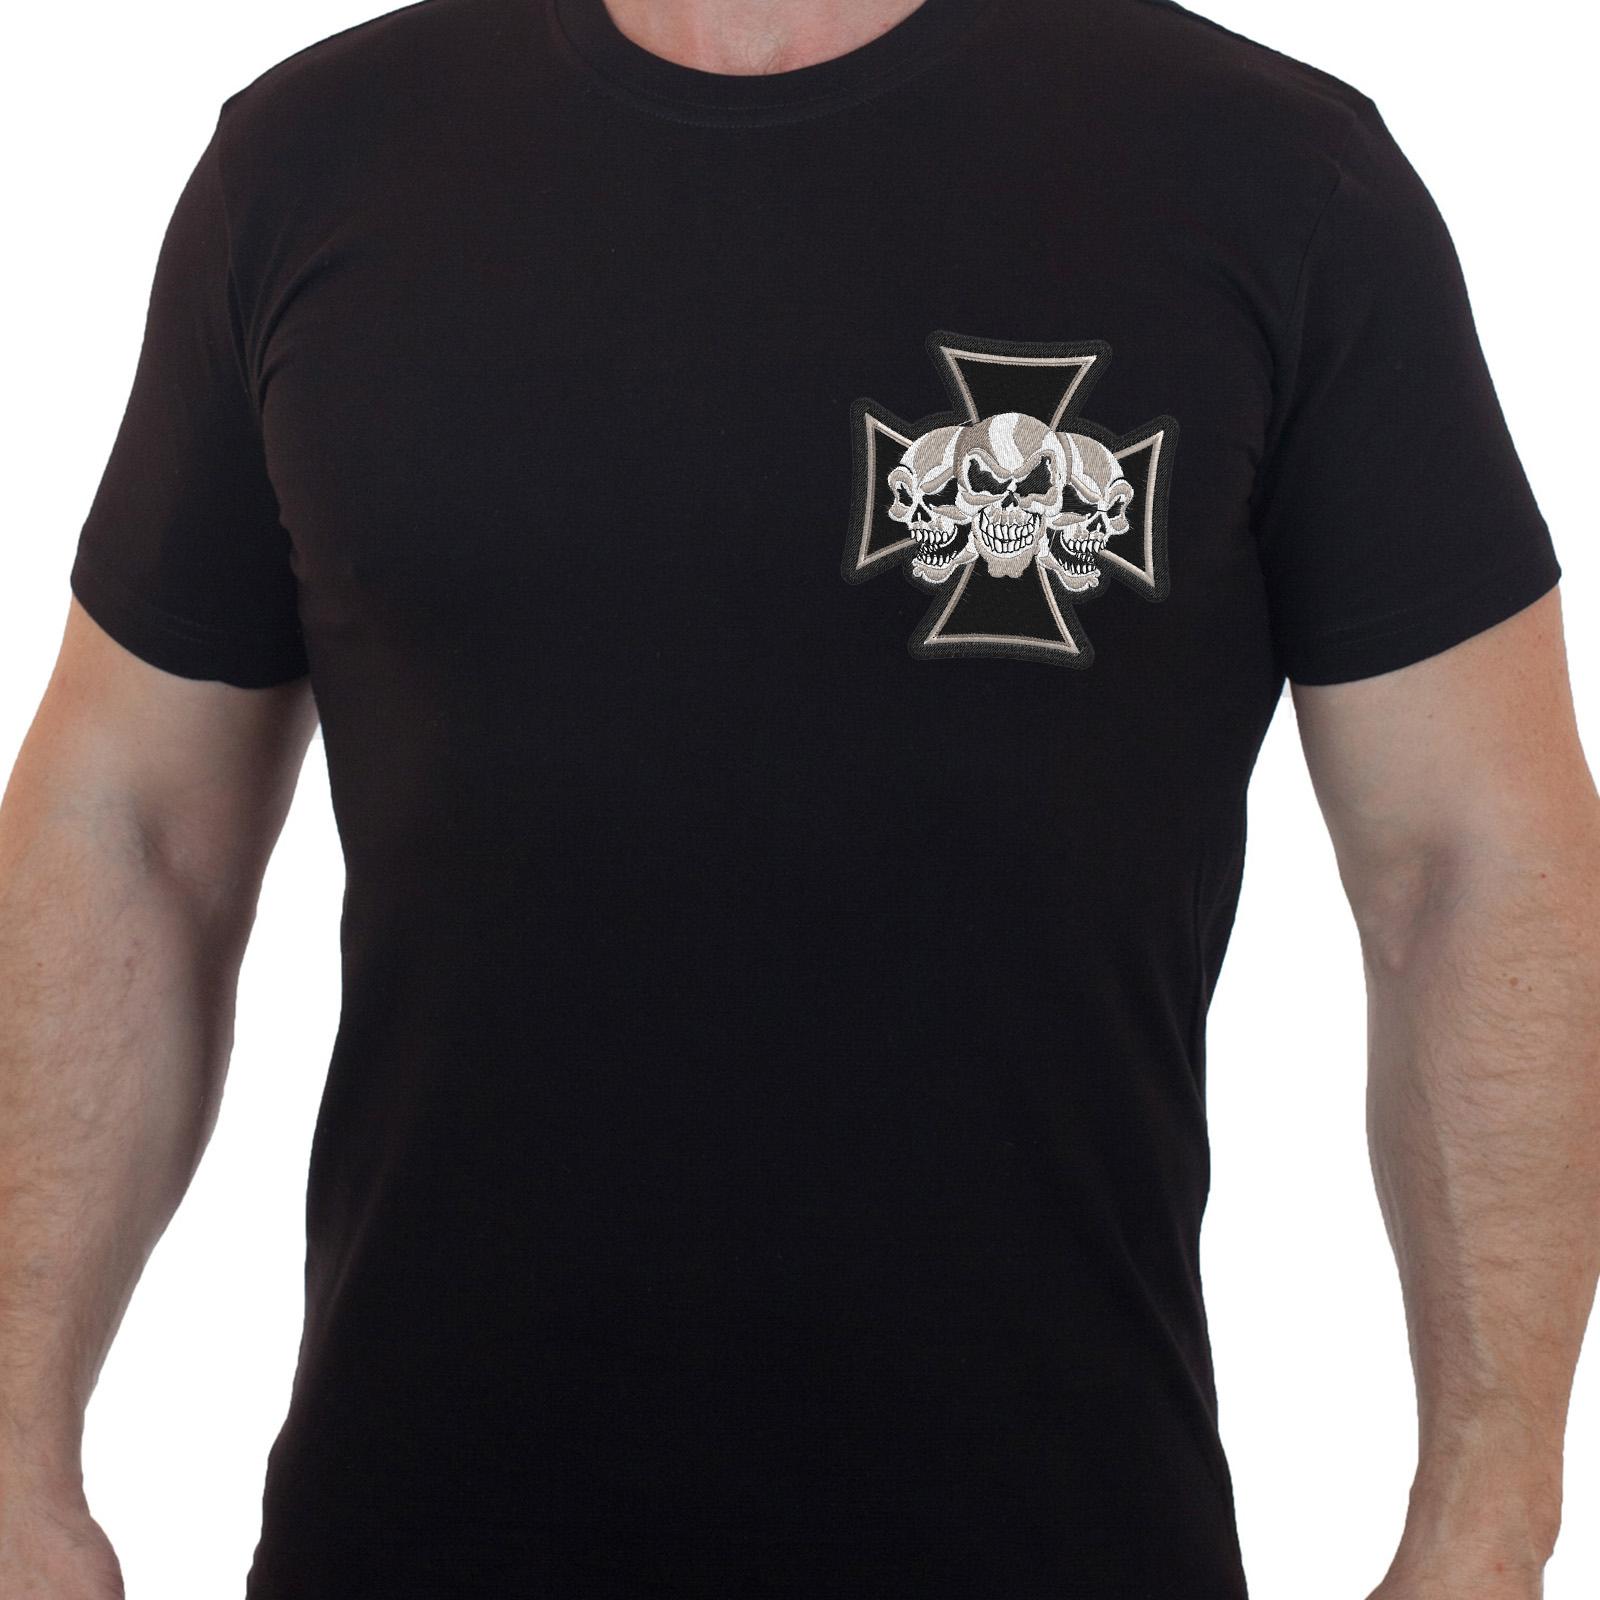 Фирменные футболки для байкеров – вышивка с черепом